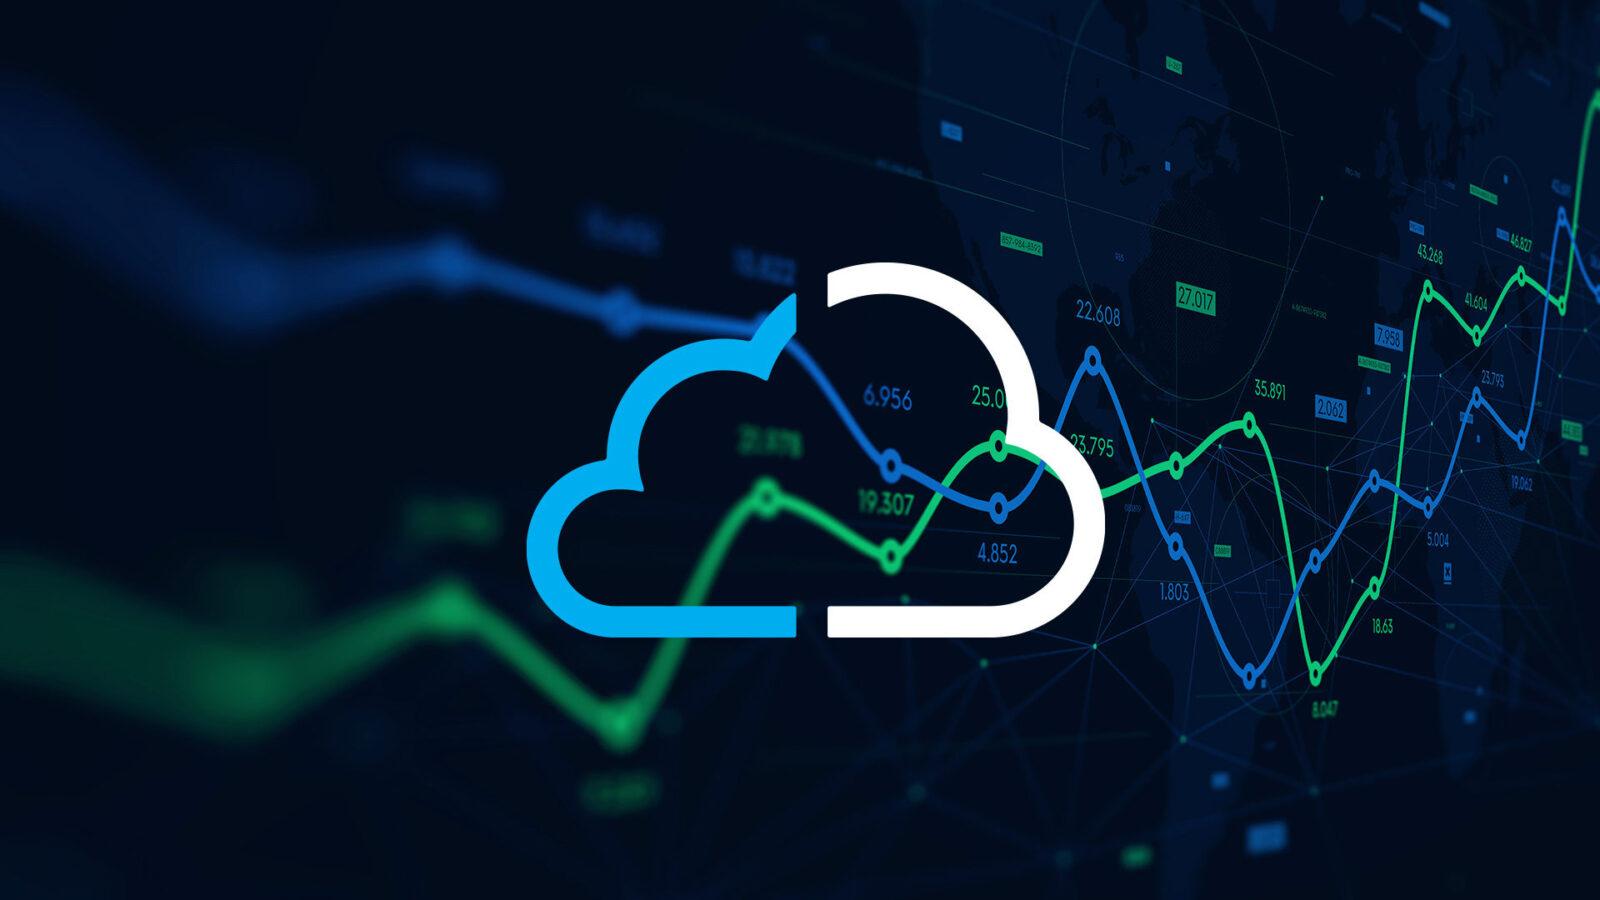 سیسکو و اینتل از مجموعه جدیدی از سرورها برای زیرساخت های ابر ترکیبی رونمایی می کنند